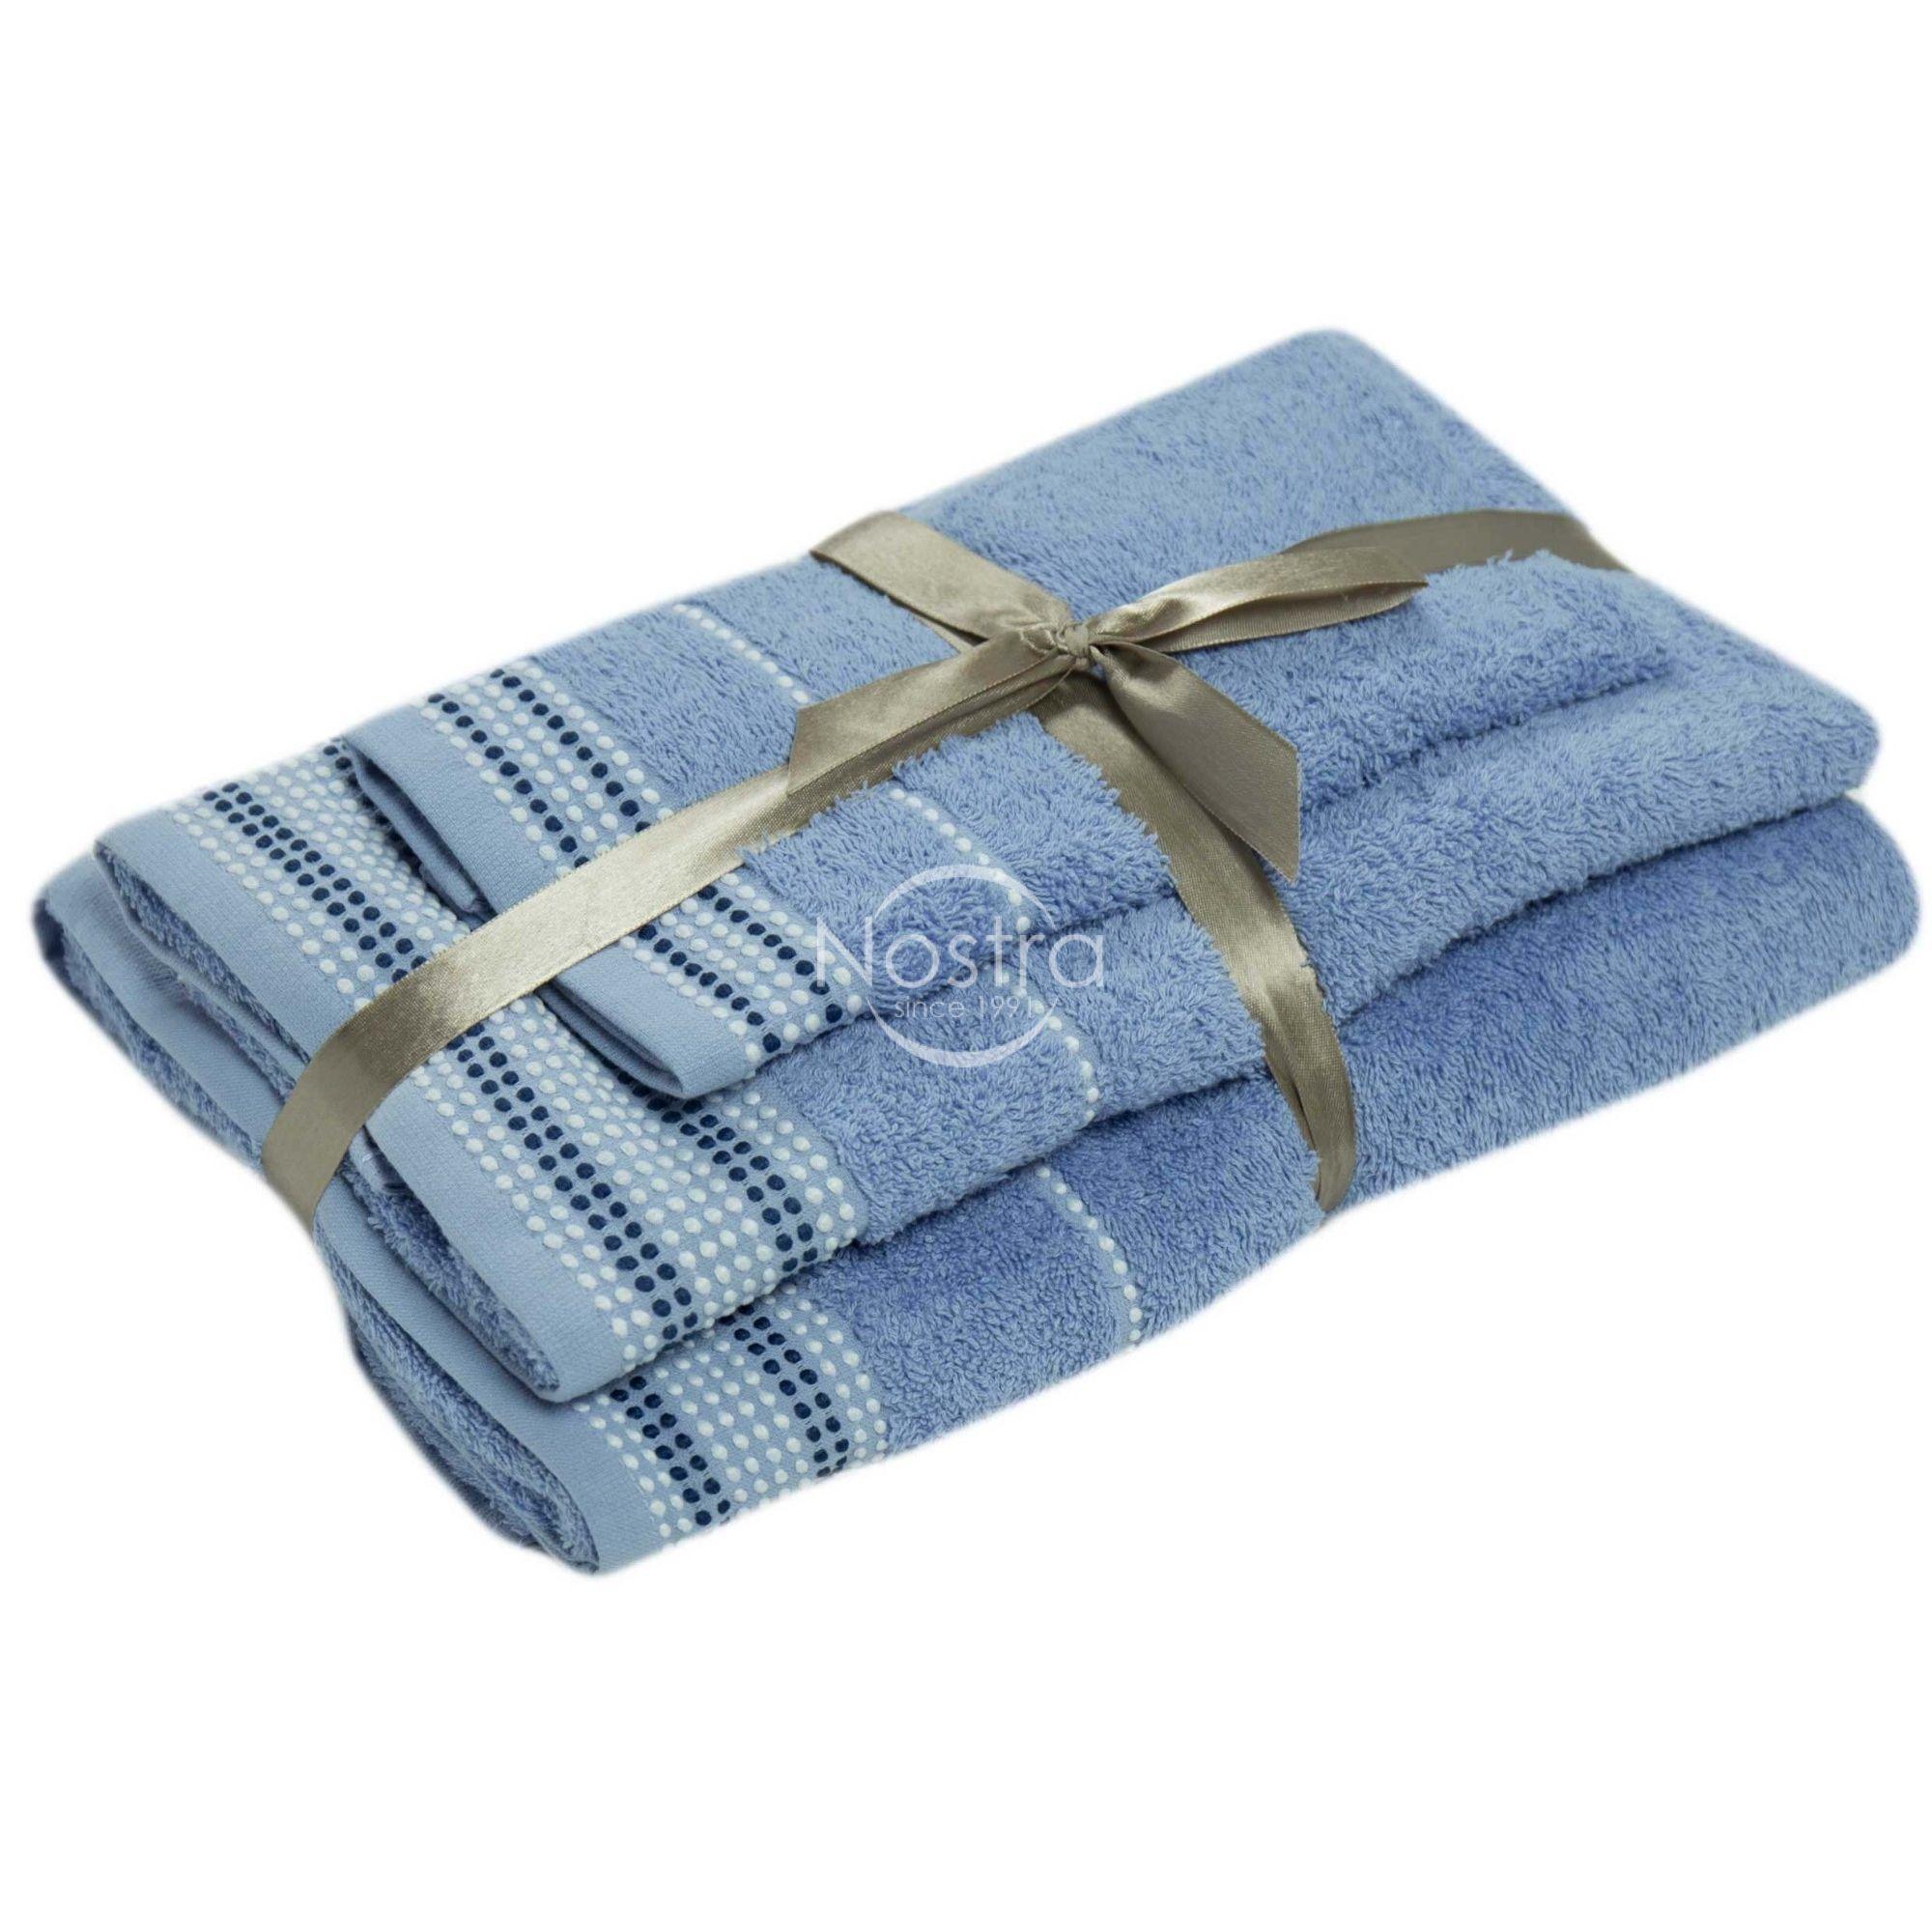 3 dalių rankšluosčių komplektas T0044 T0044-SOFT BLUE